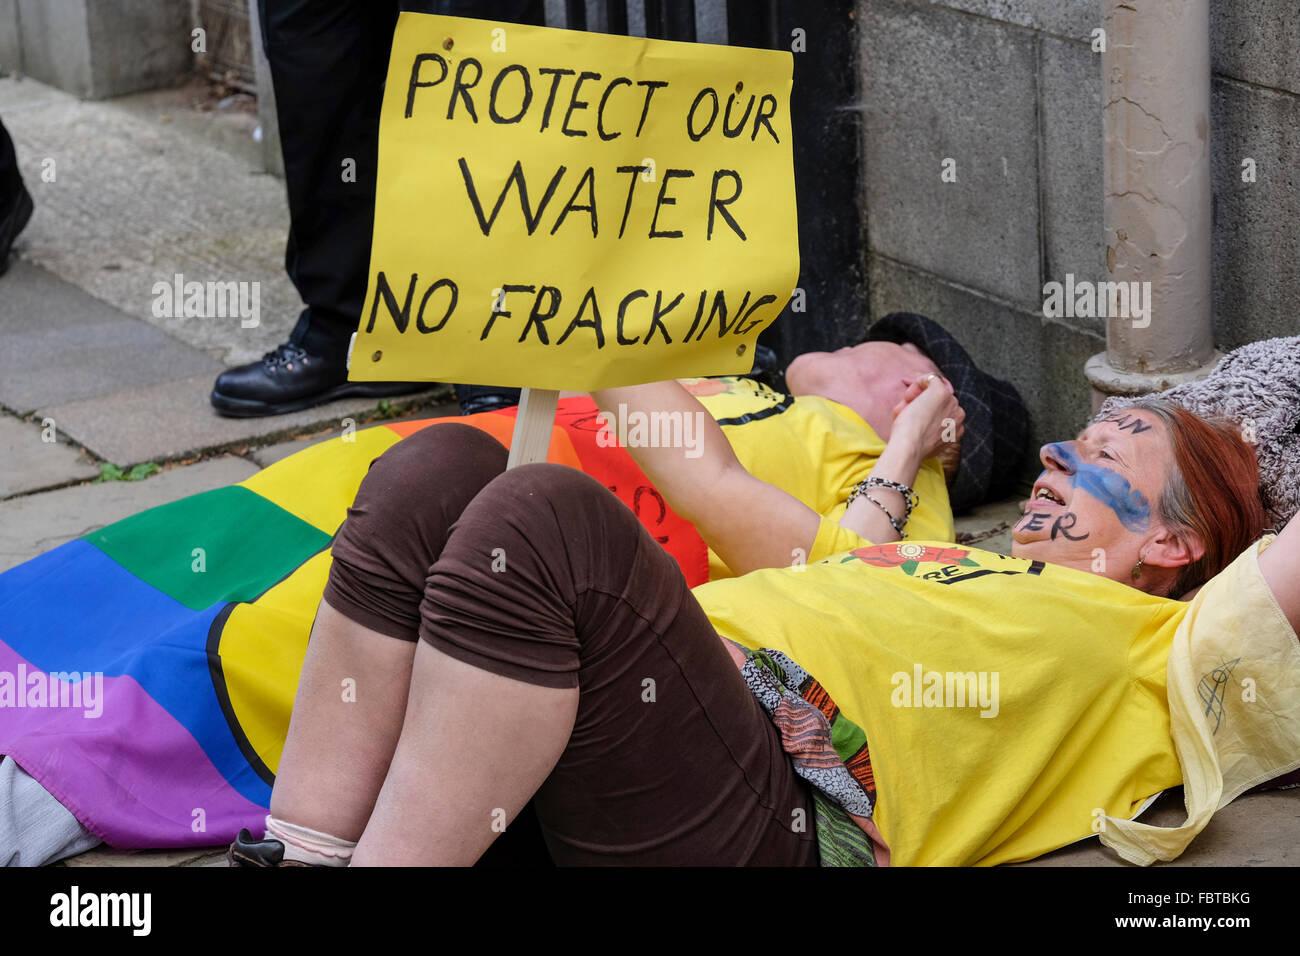 Anti-Fracking manifestants exprimant son inquiétude quant à la qualité de l'eau à une manifestation Photo Stock